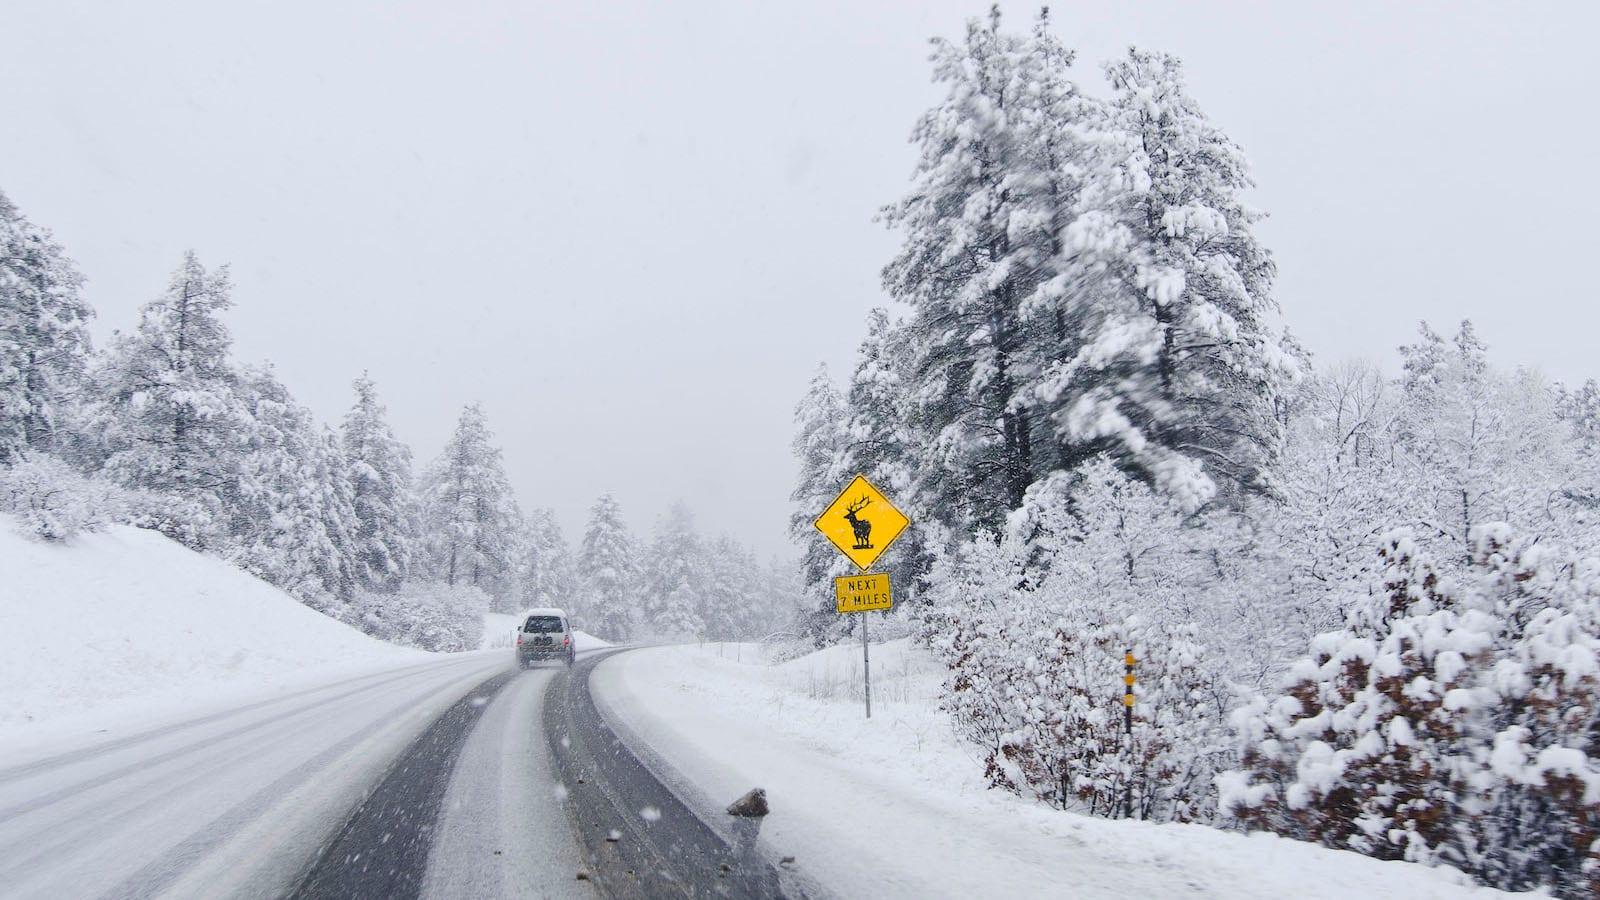 Colorado Winter Driving Snowy Highway Road